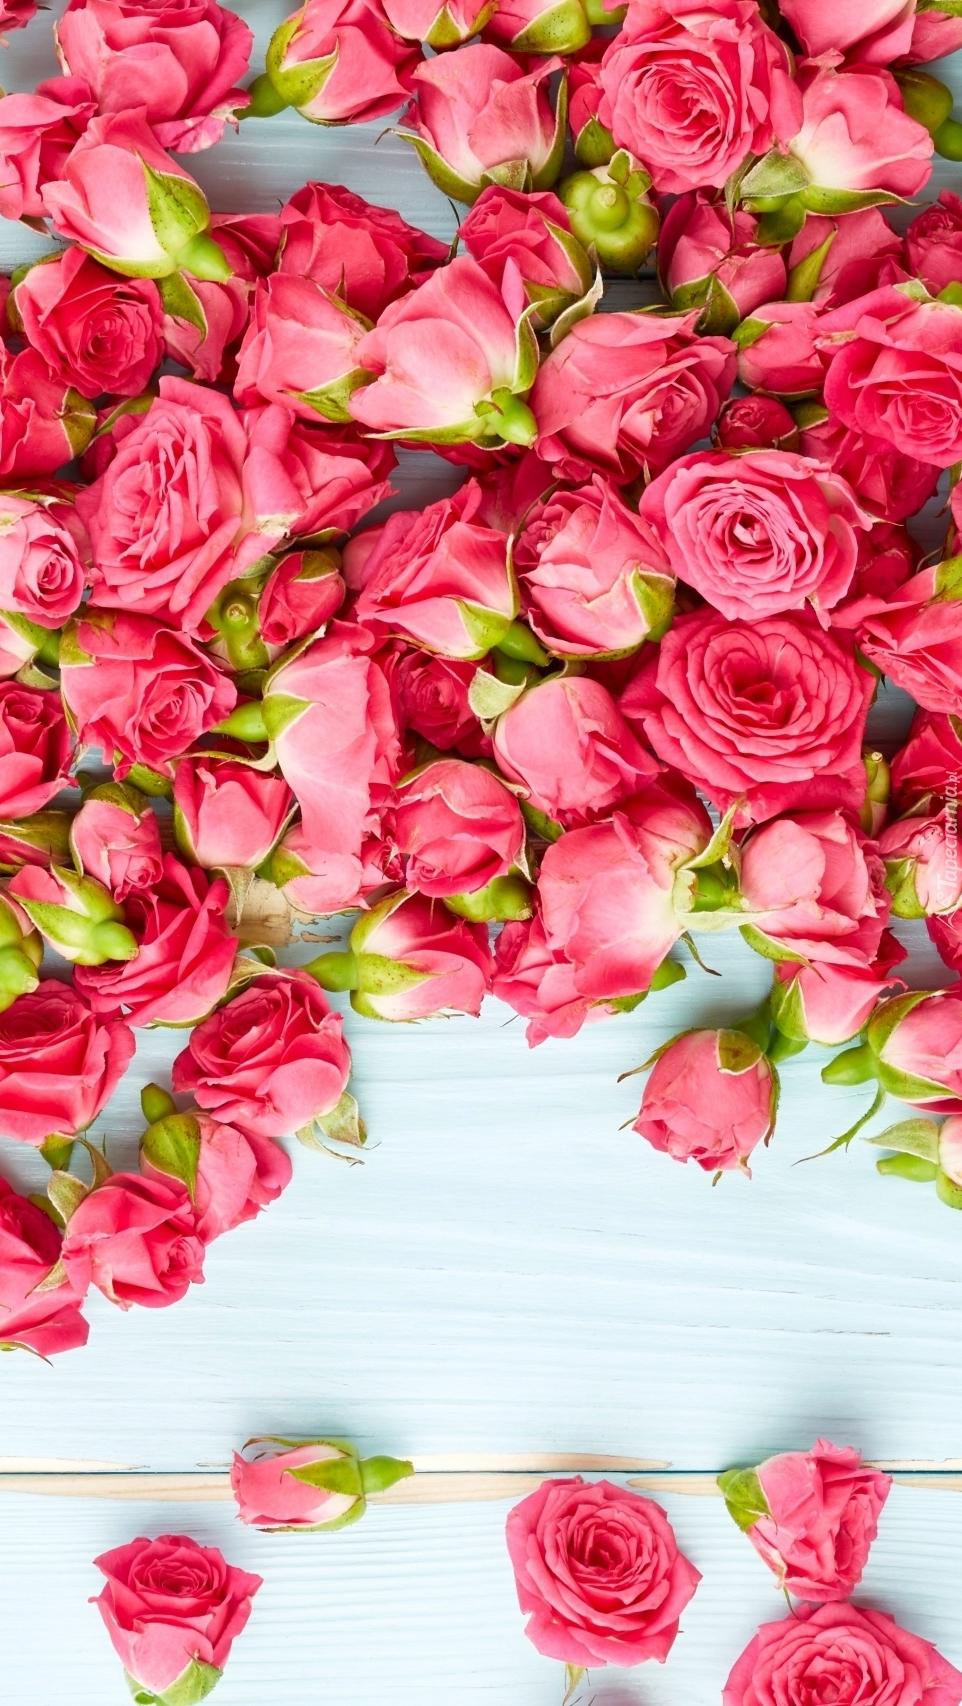 Główki róż rozsypane na deskach